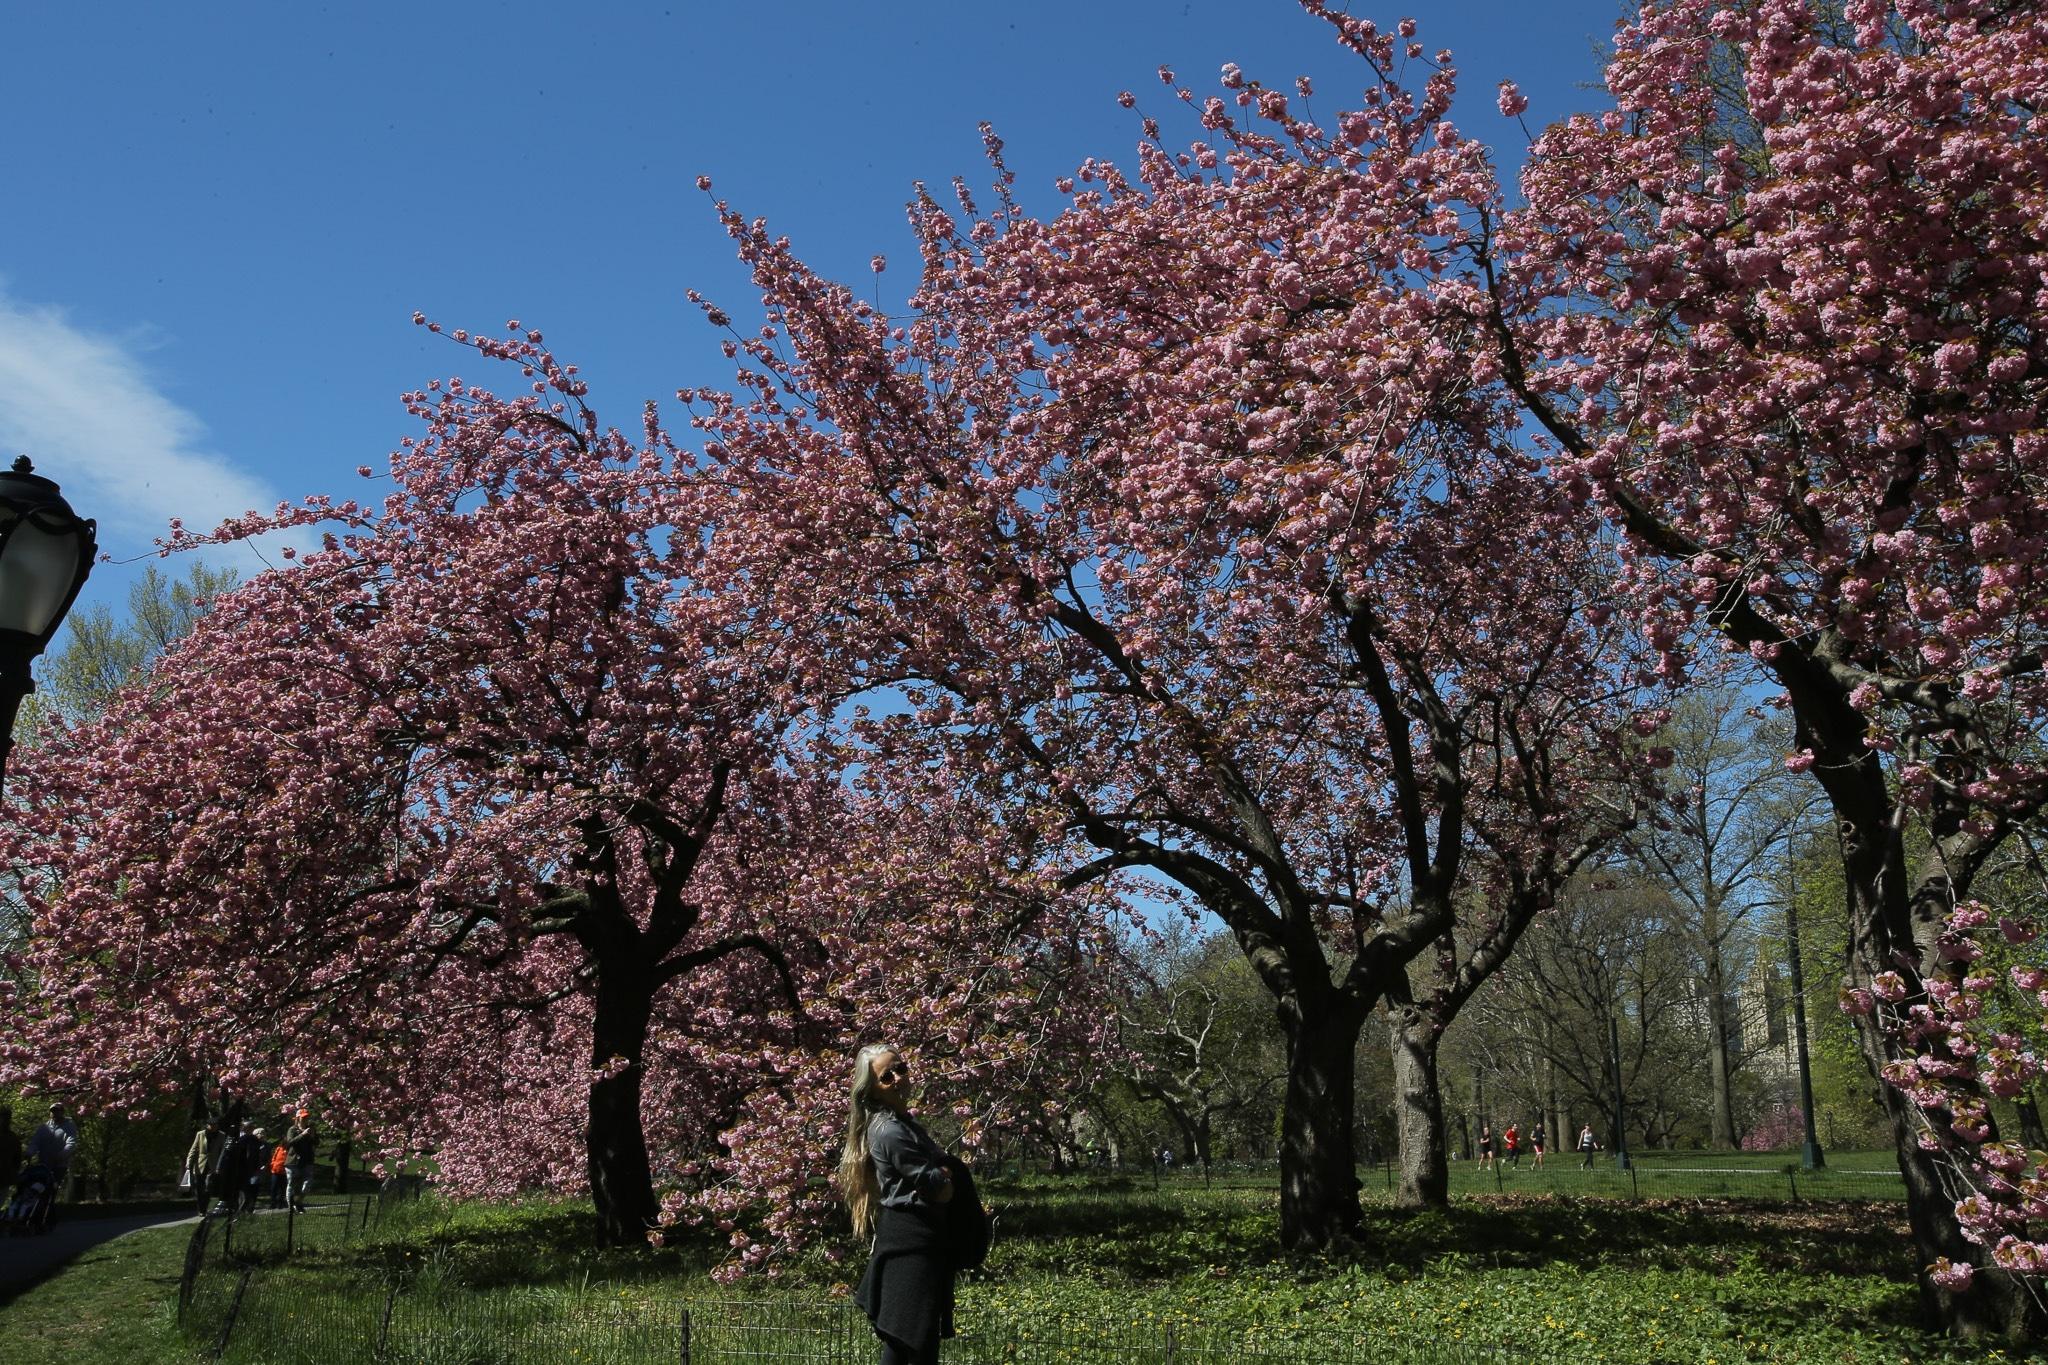 New York in spring